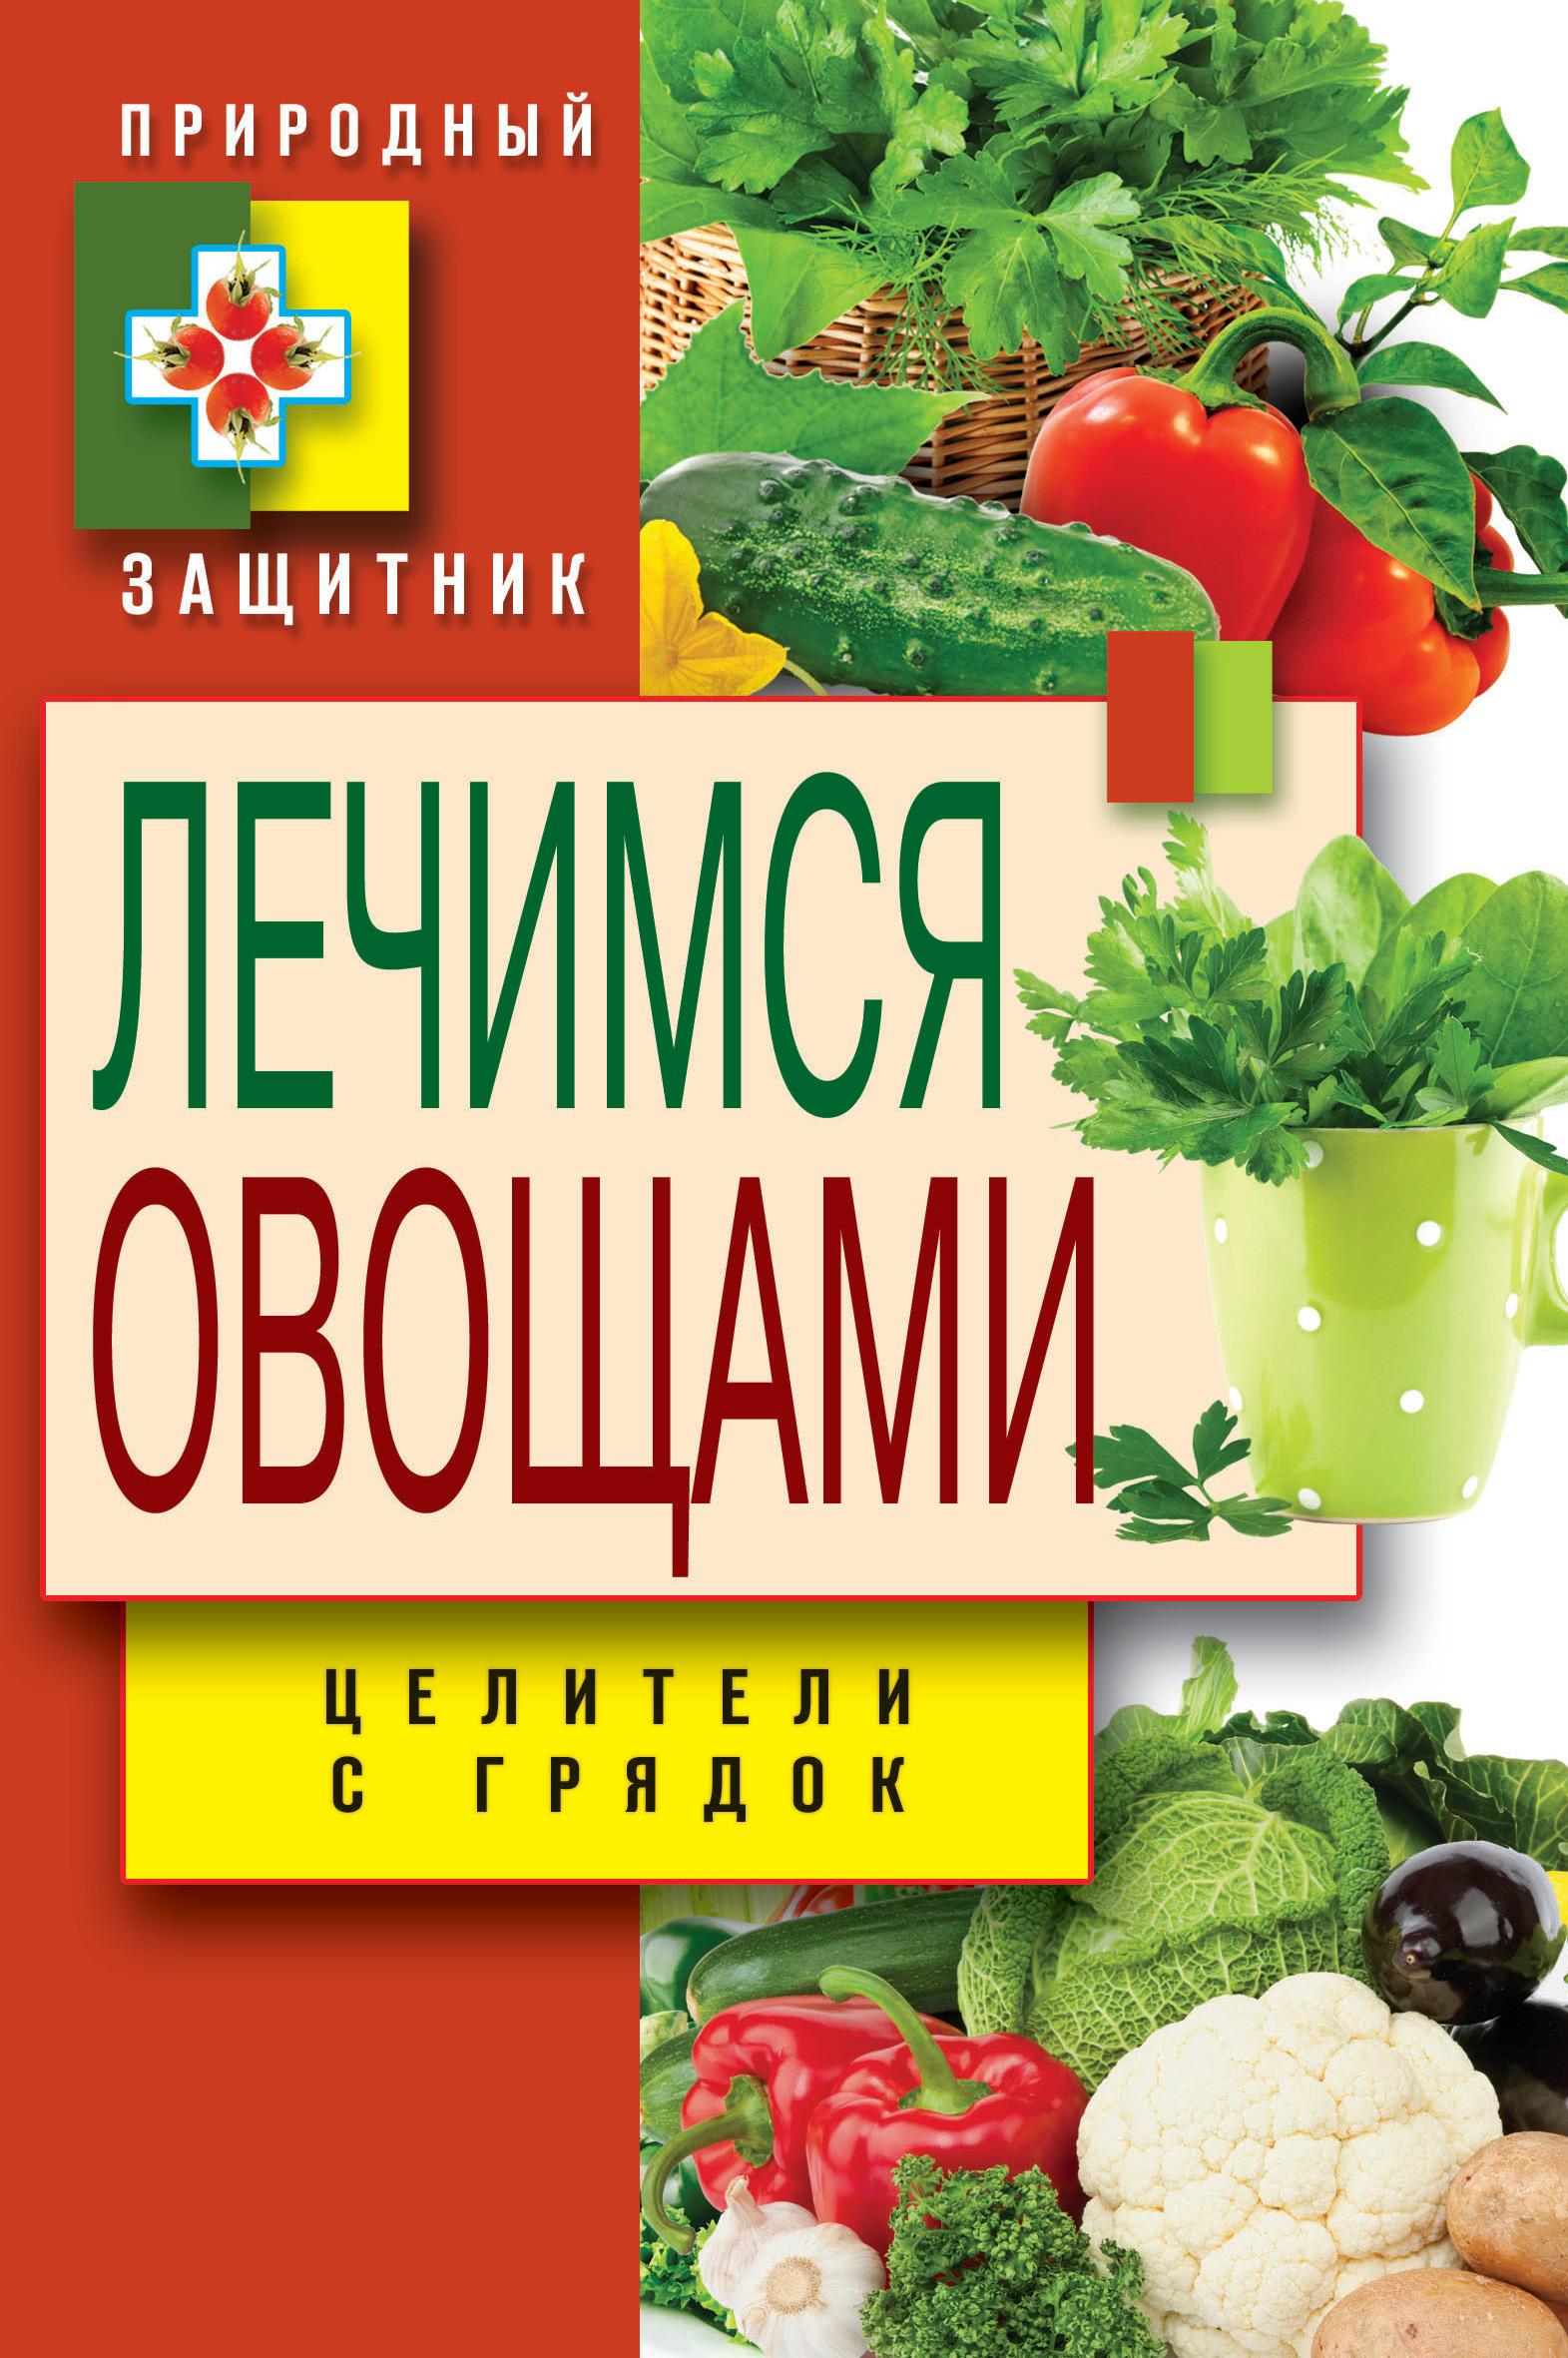 Дарья Нестерова Лечимся овощами. Целители с грядок кашницкий с лекарство которое всегда под рукой на кухне в огороде в лесу isbn 9785271425523